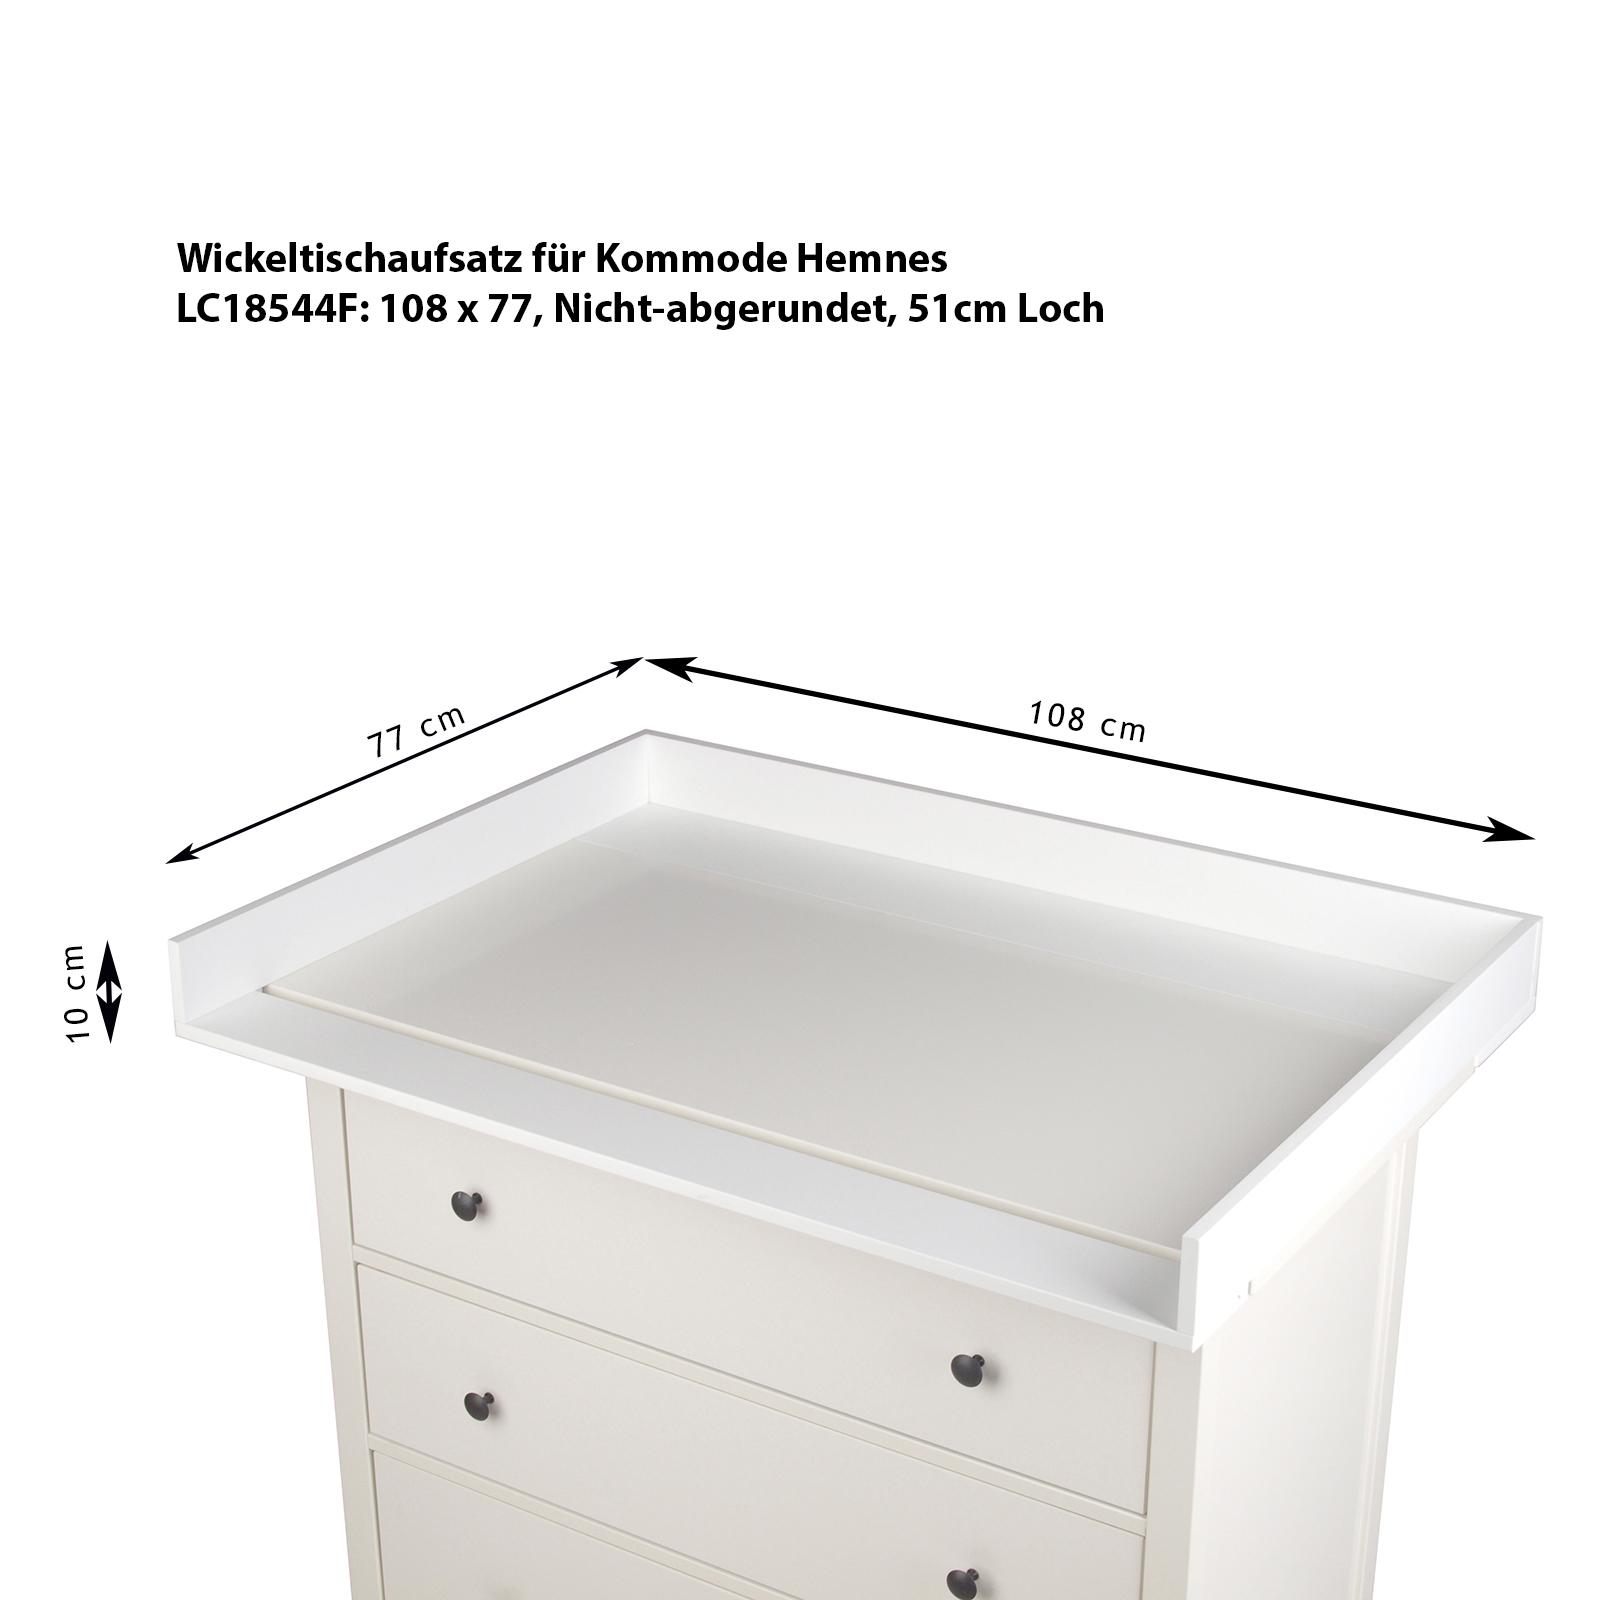 wickeltischaufsatz xxl wickelaufsatz f r ikea kommode malm hemnes wickeltisch ebay. Black Bedroom Furniture Sets. Home Design Ideas